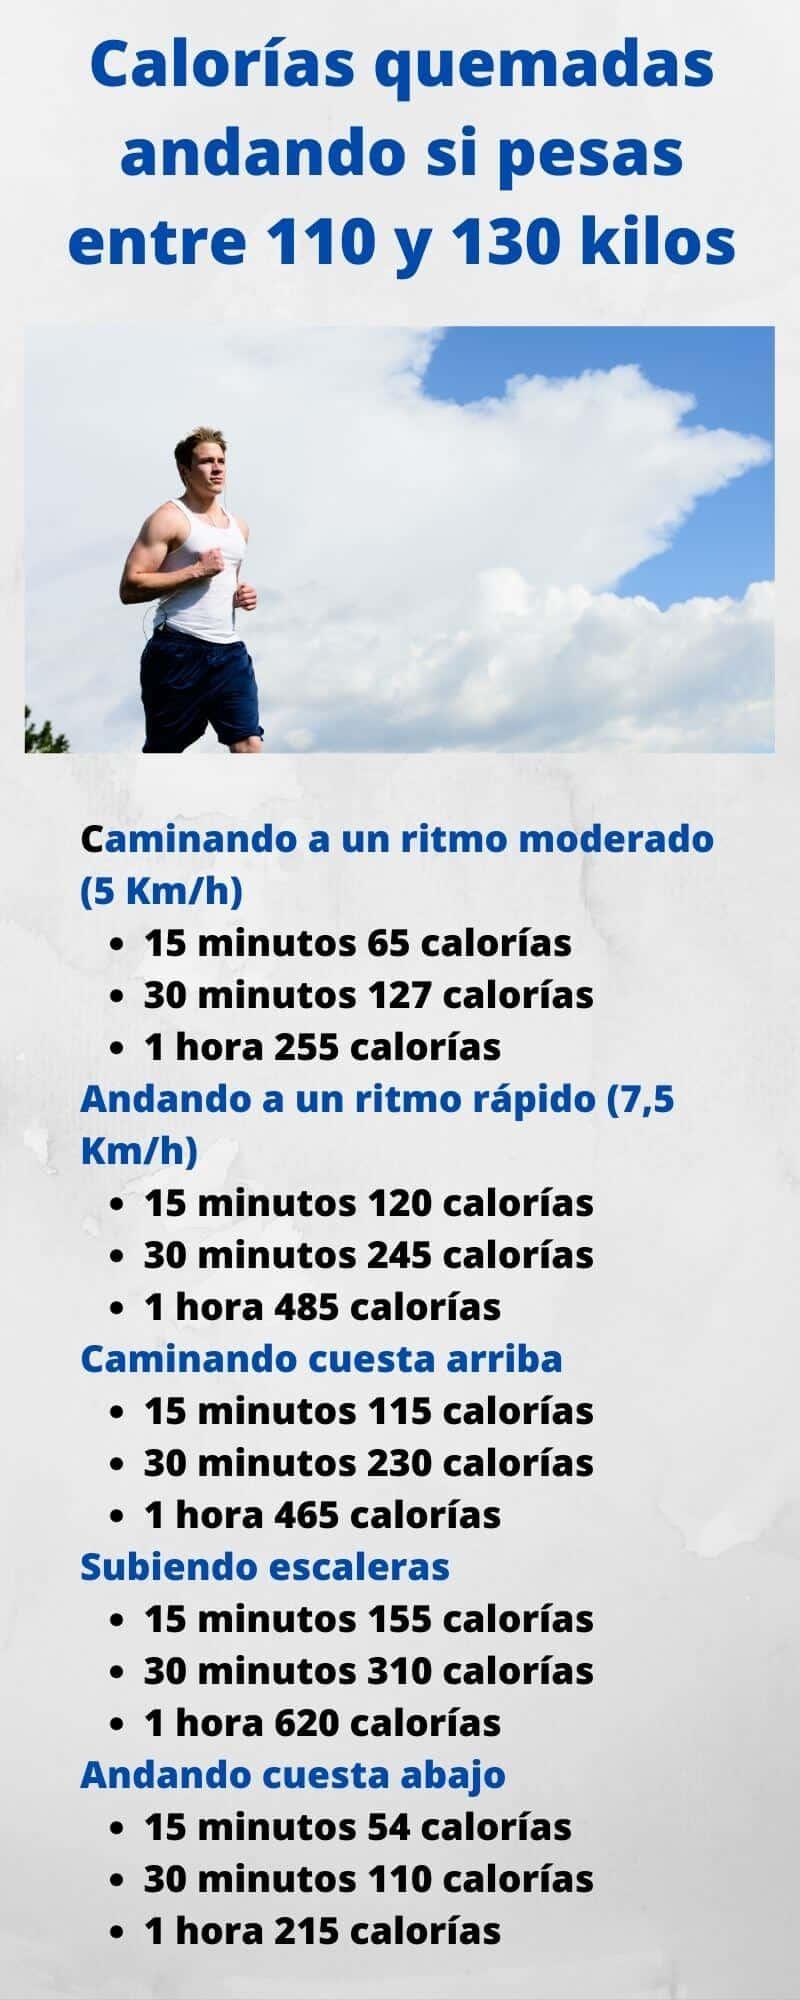 Infografía de calorías quemadas caminando para hombres de entre 110 y 130 kilos de peso corporal